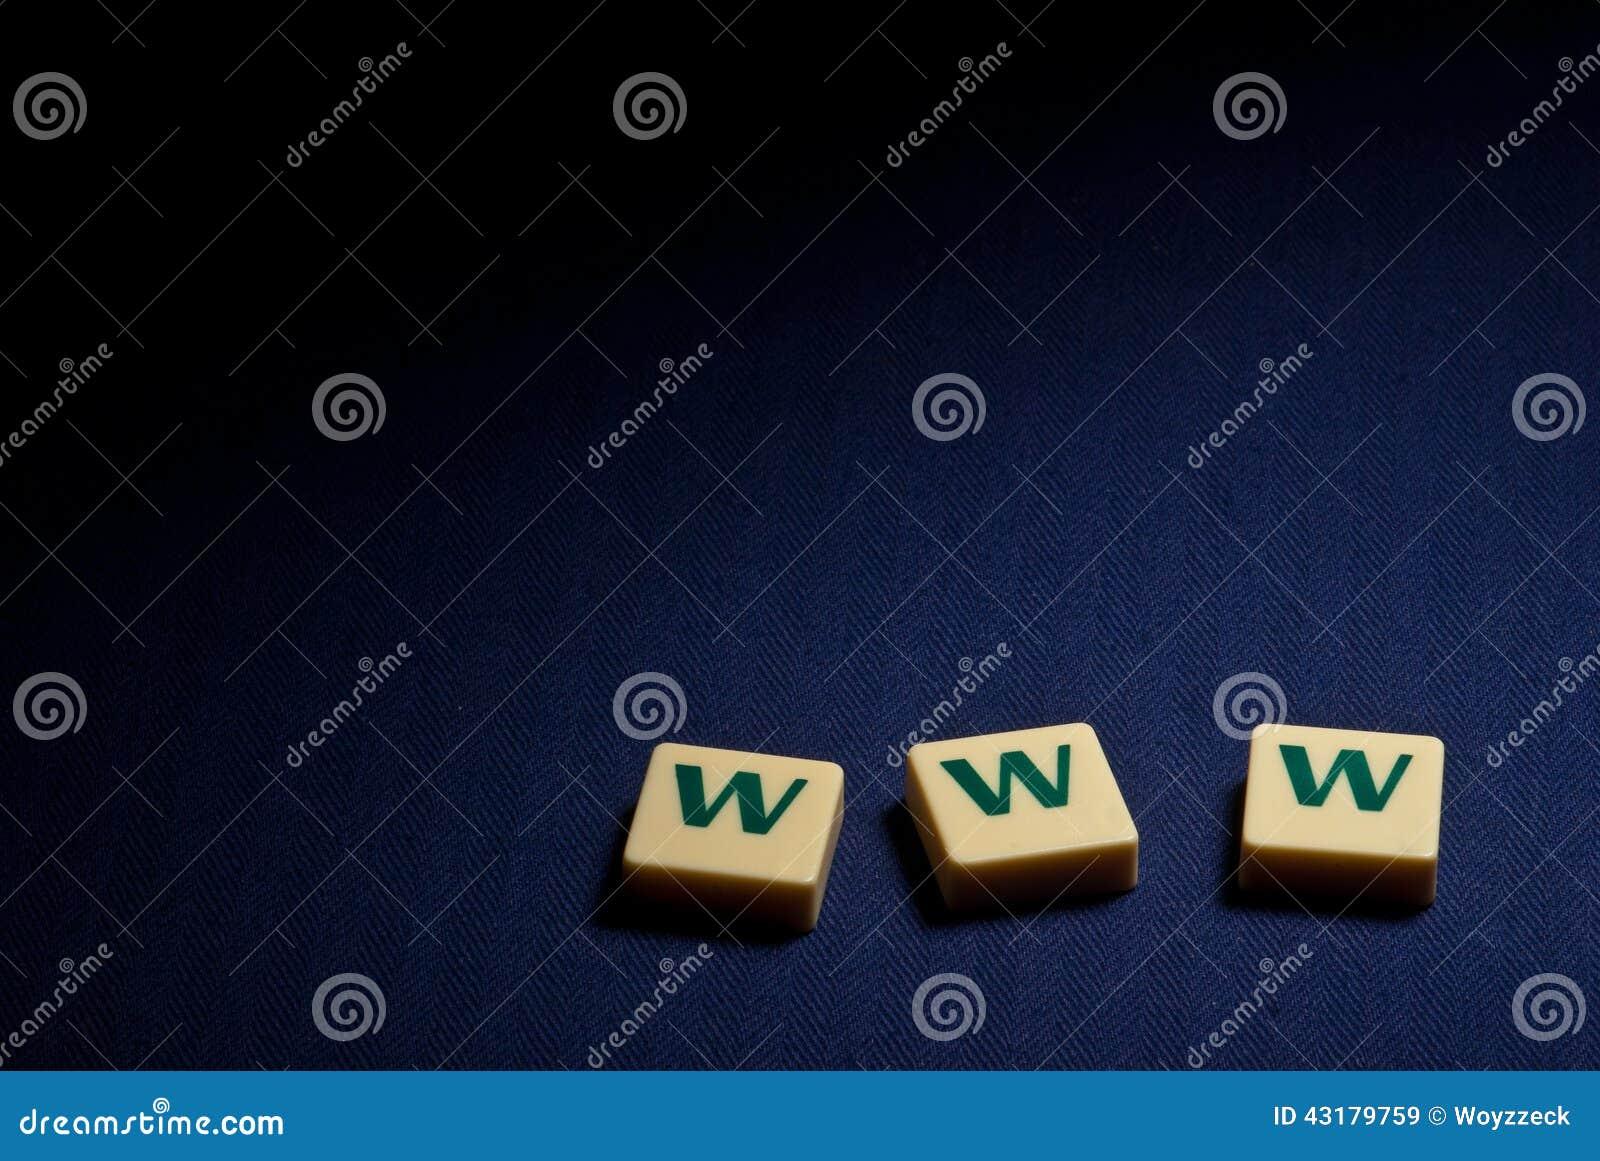 Símbolo de letra plástico de WWW del World Wide Web en fondo azul